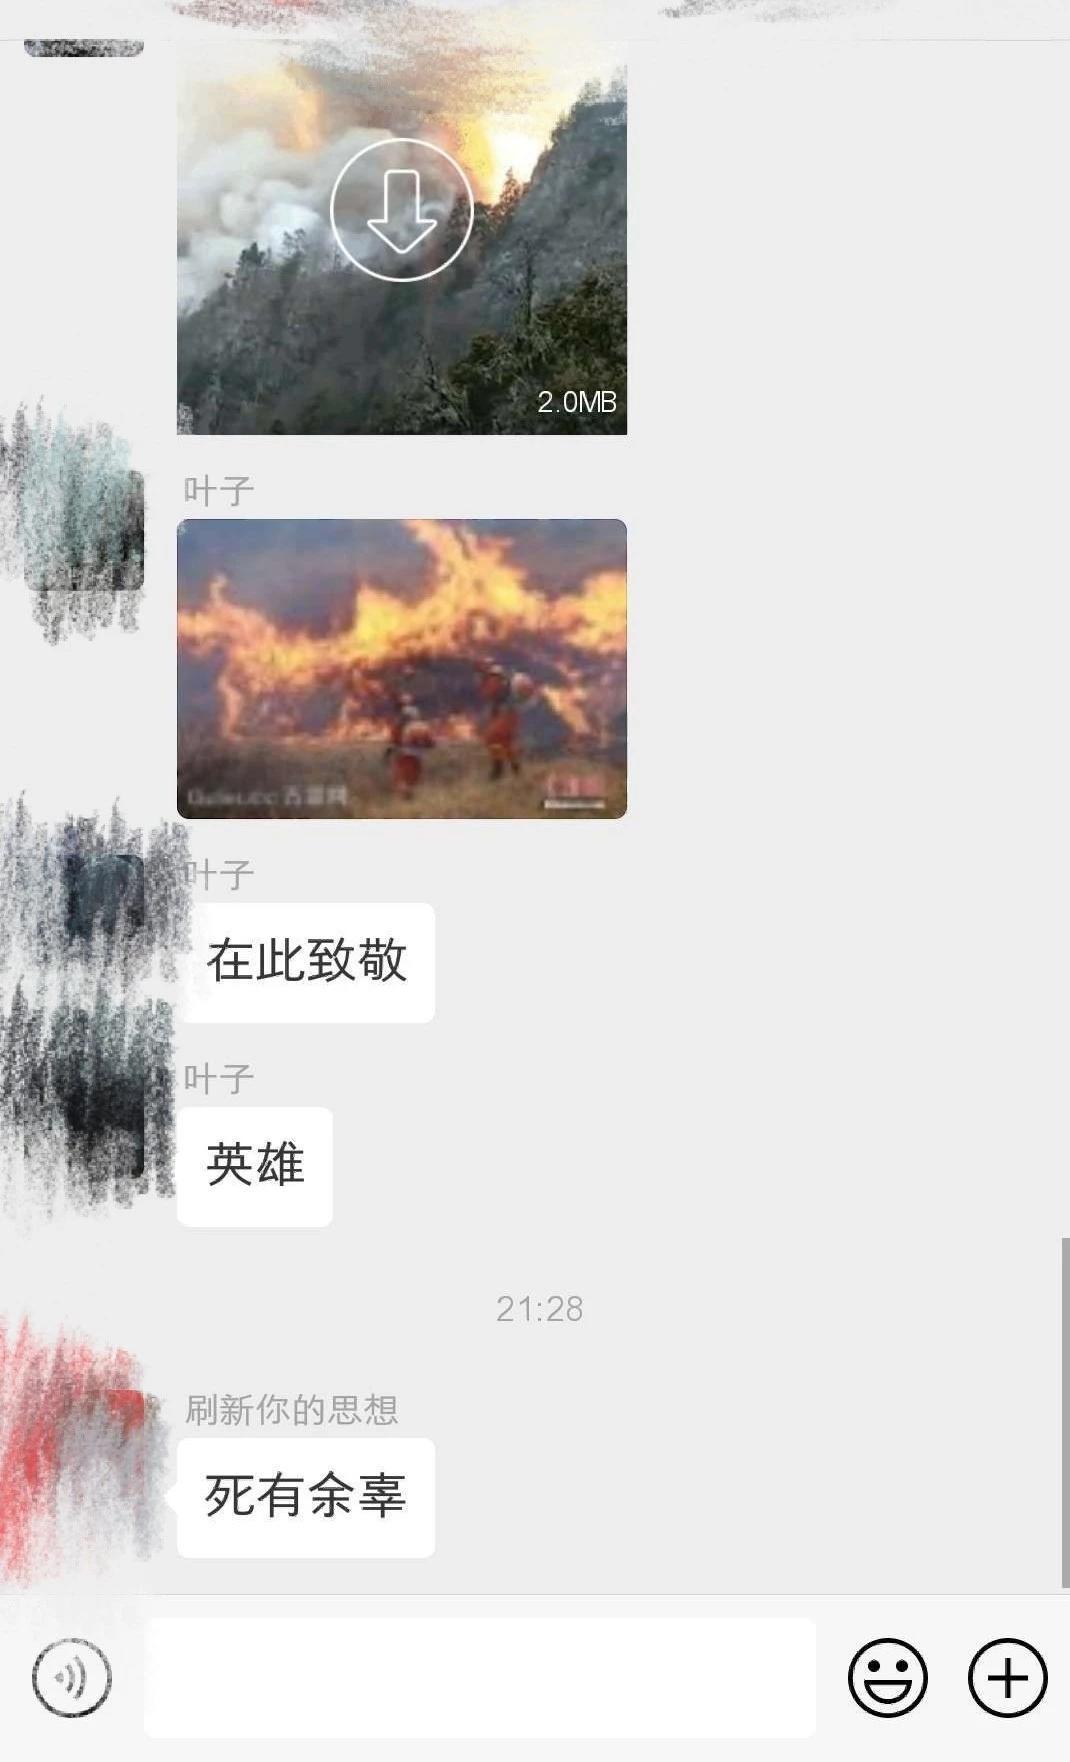 又一起!四川一男子网络辱骂凉山救火英雄被刑拘